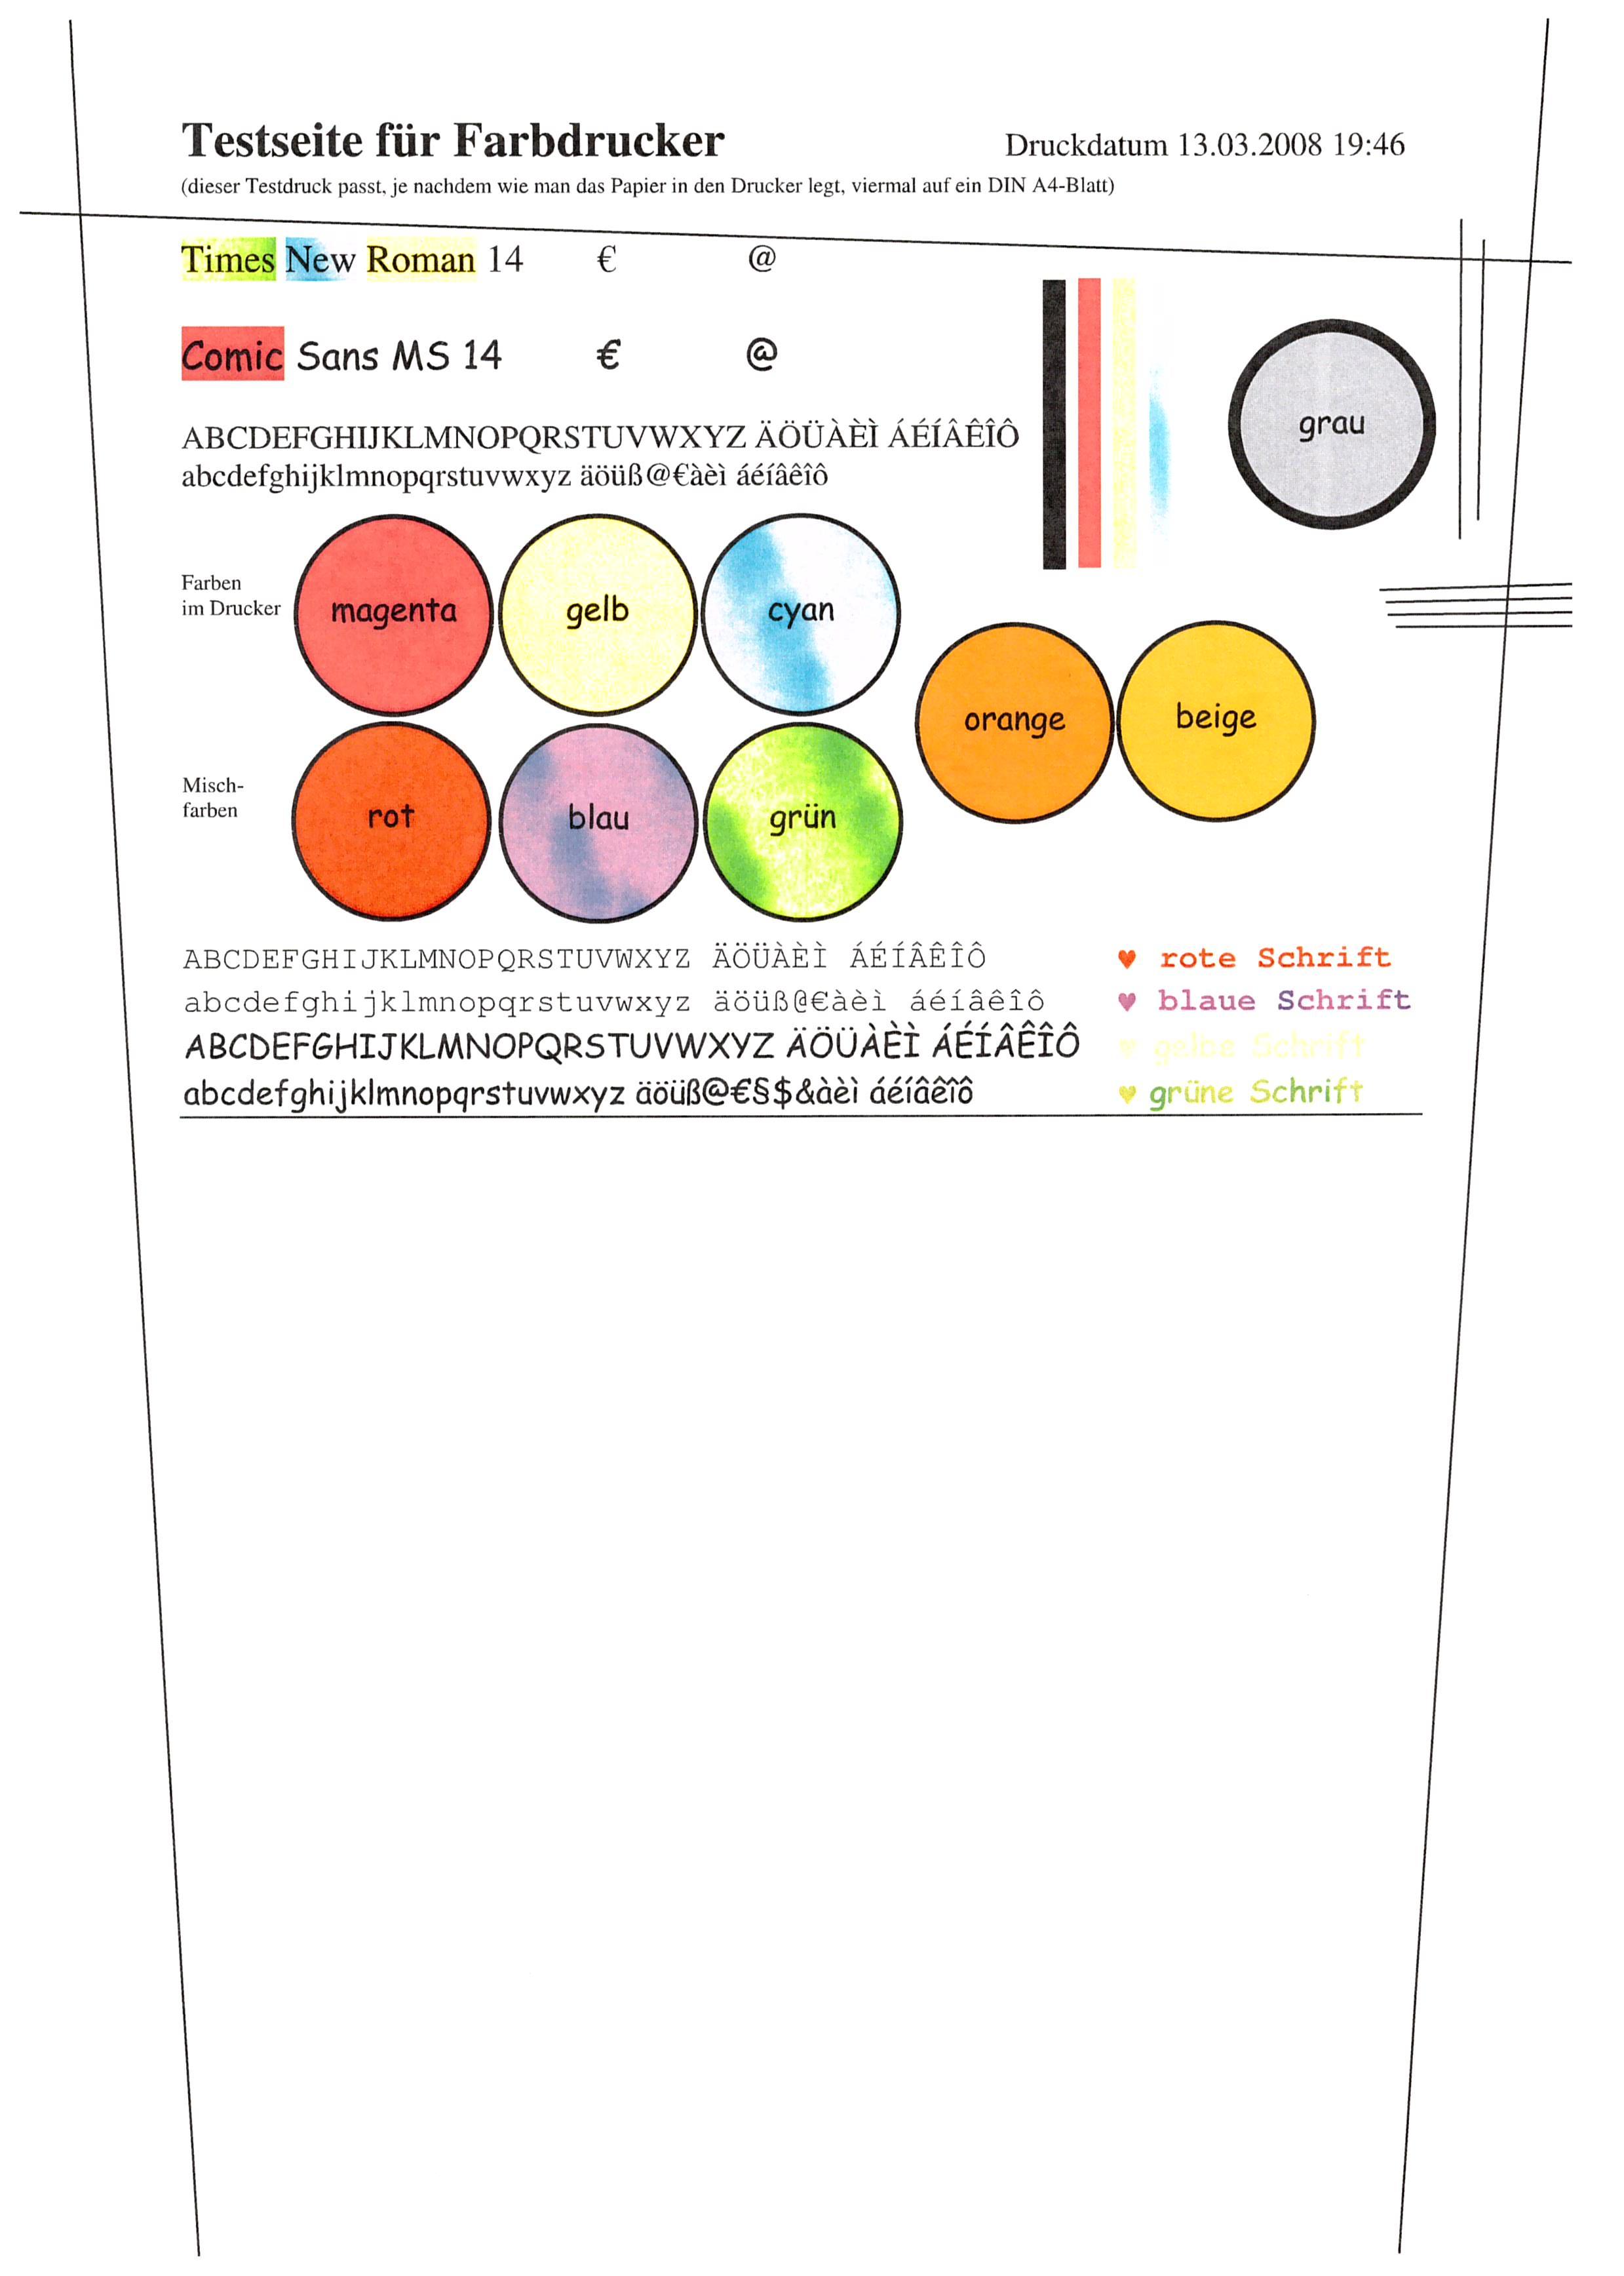 Beste Hp Drucker Testseite Farbe Ideen - Beispiel Business ...